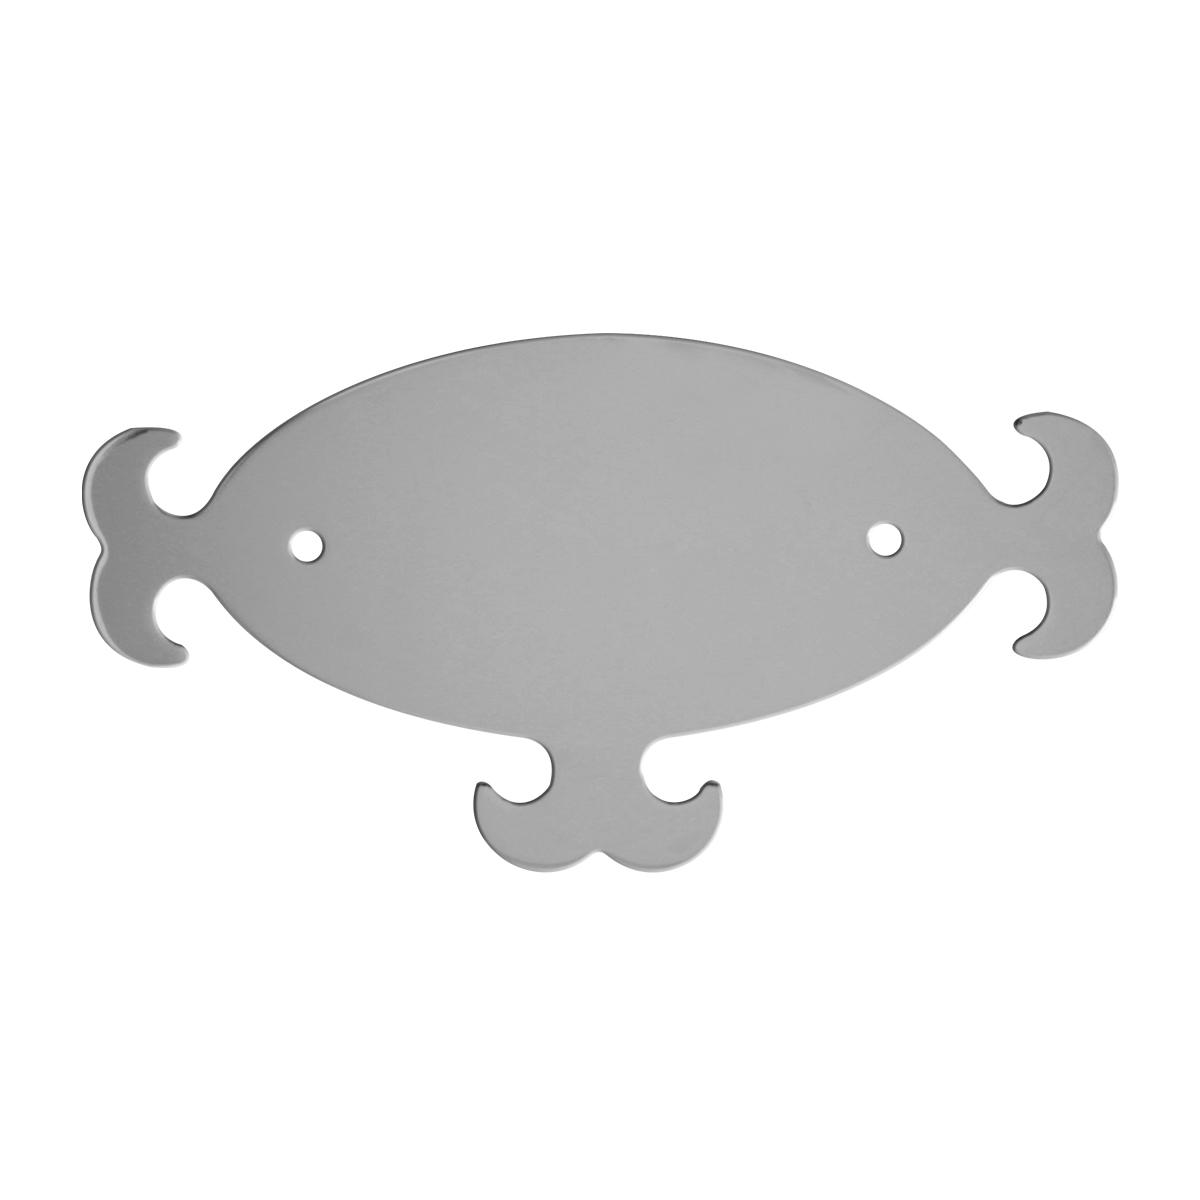 97040 Emblem Accent III for Peterbilt